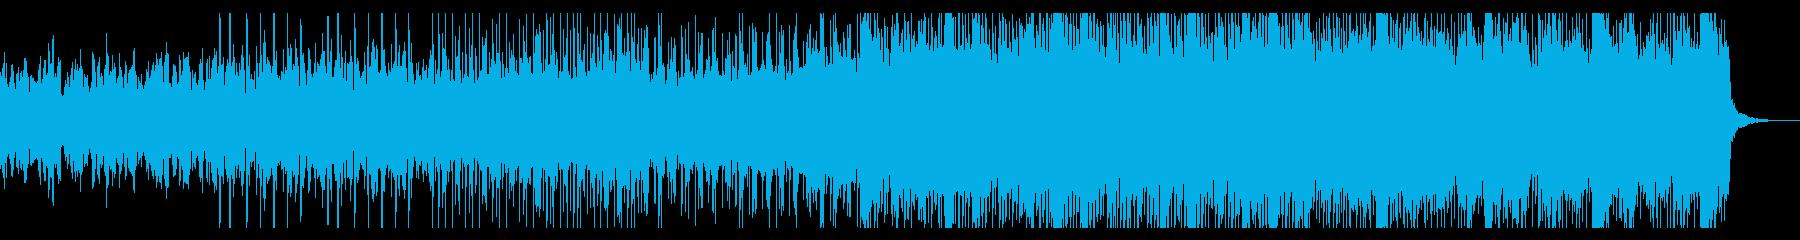 ゆっくりと忍び寄るアンビエントIDMの再生済みの波形